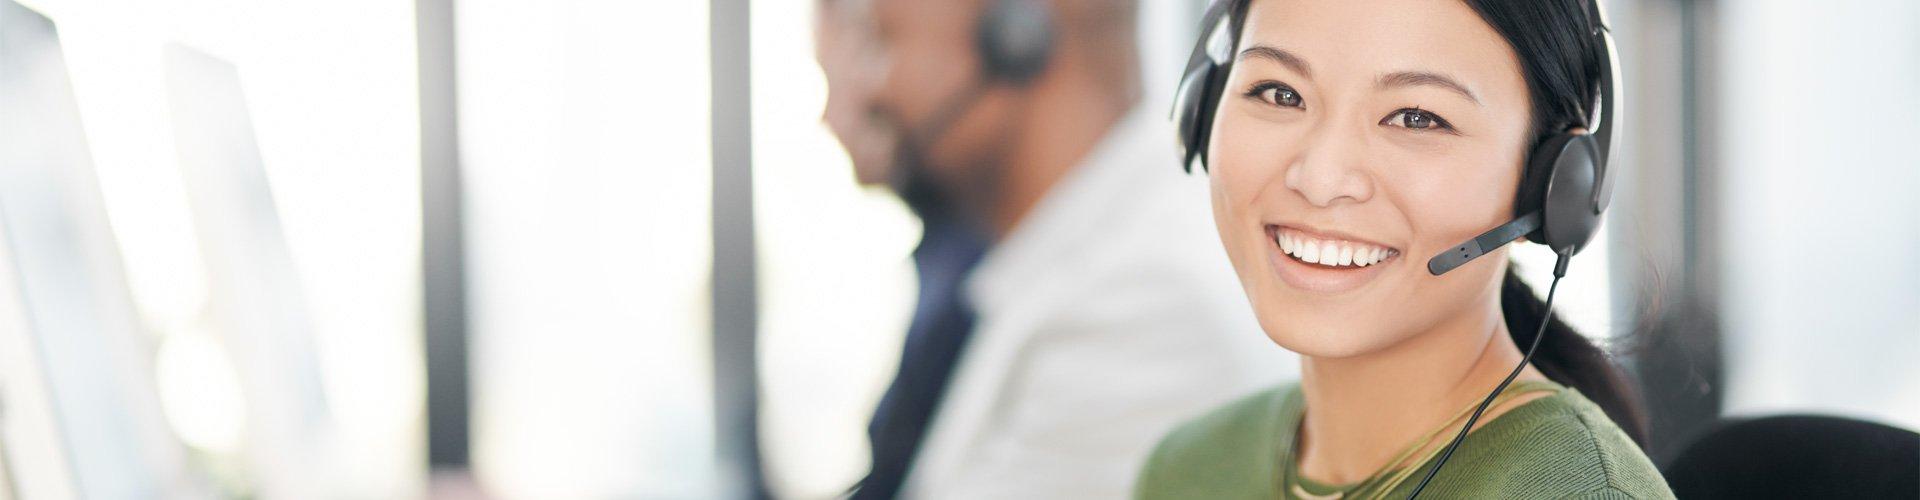 Egy nő telefonon beszél és segít egy ügyfélnek a hallókészülékeivel kapcsolatban.